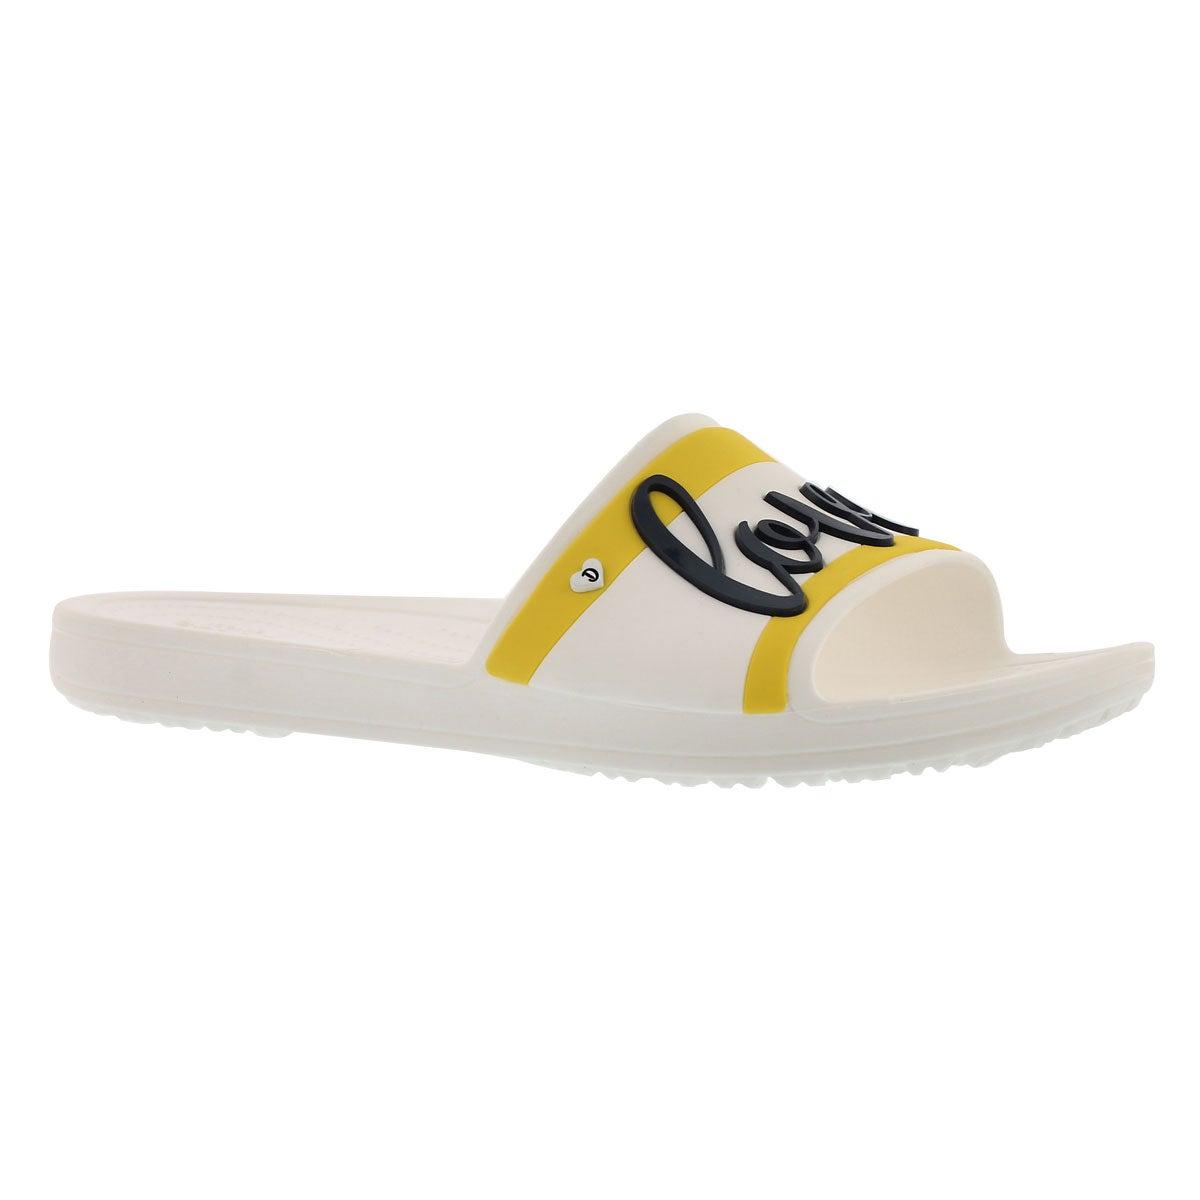 Women's DREW SLOANE SLIDE wht/blk sandals